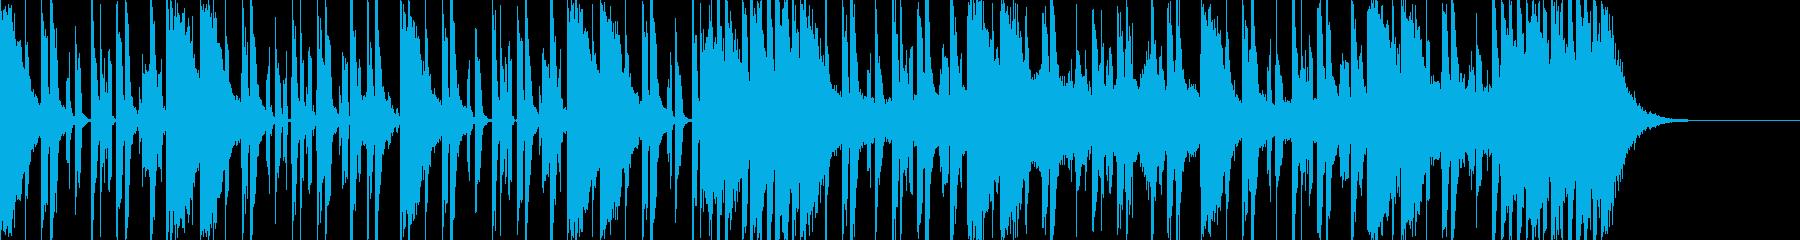 ダークなブラスとスクラッチヒップホップeの再生済みの波形